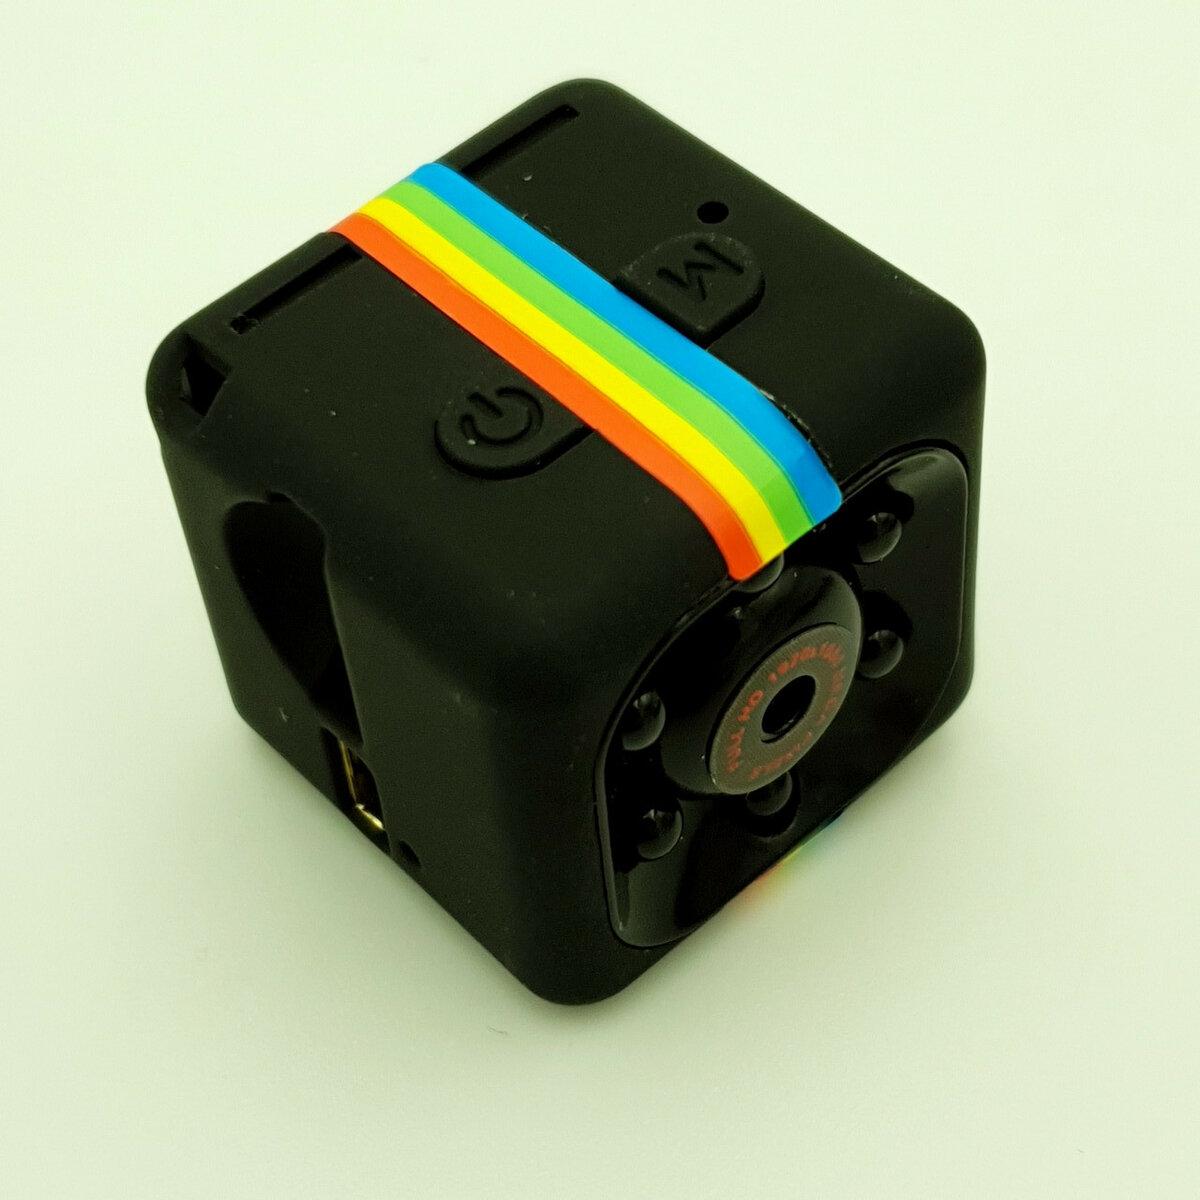 что мини камеры картинки тяжба